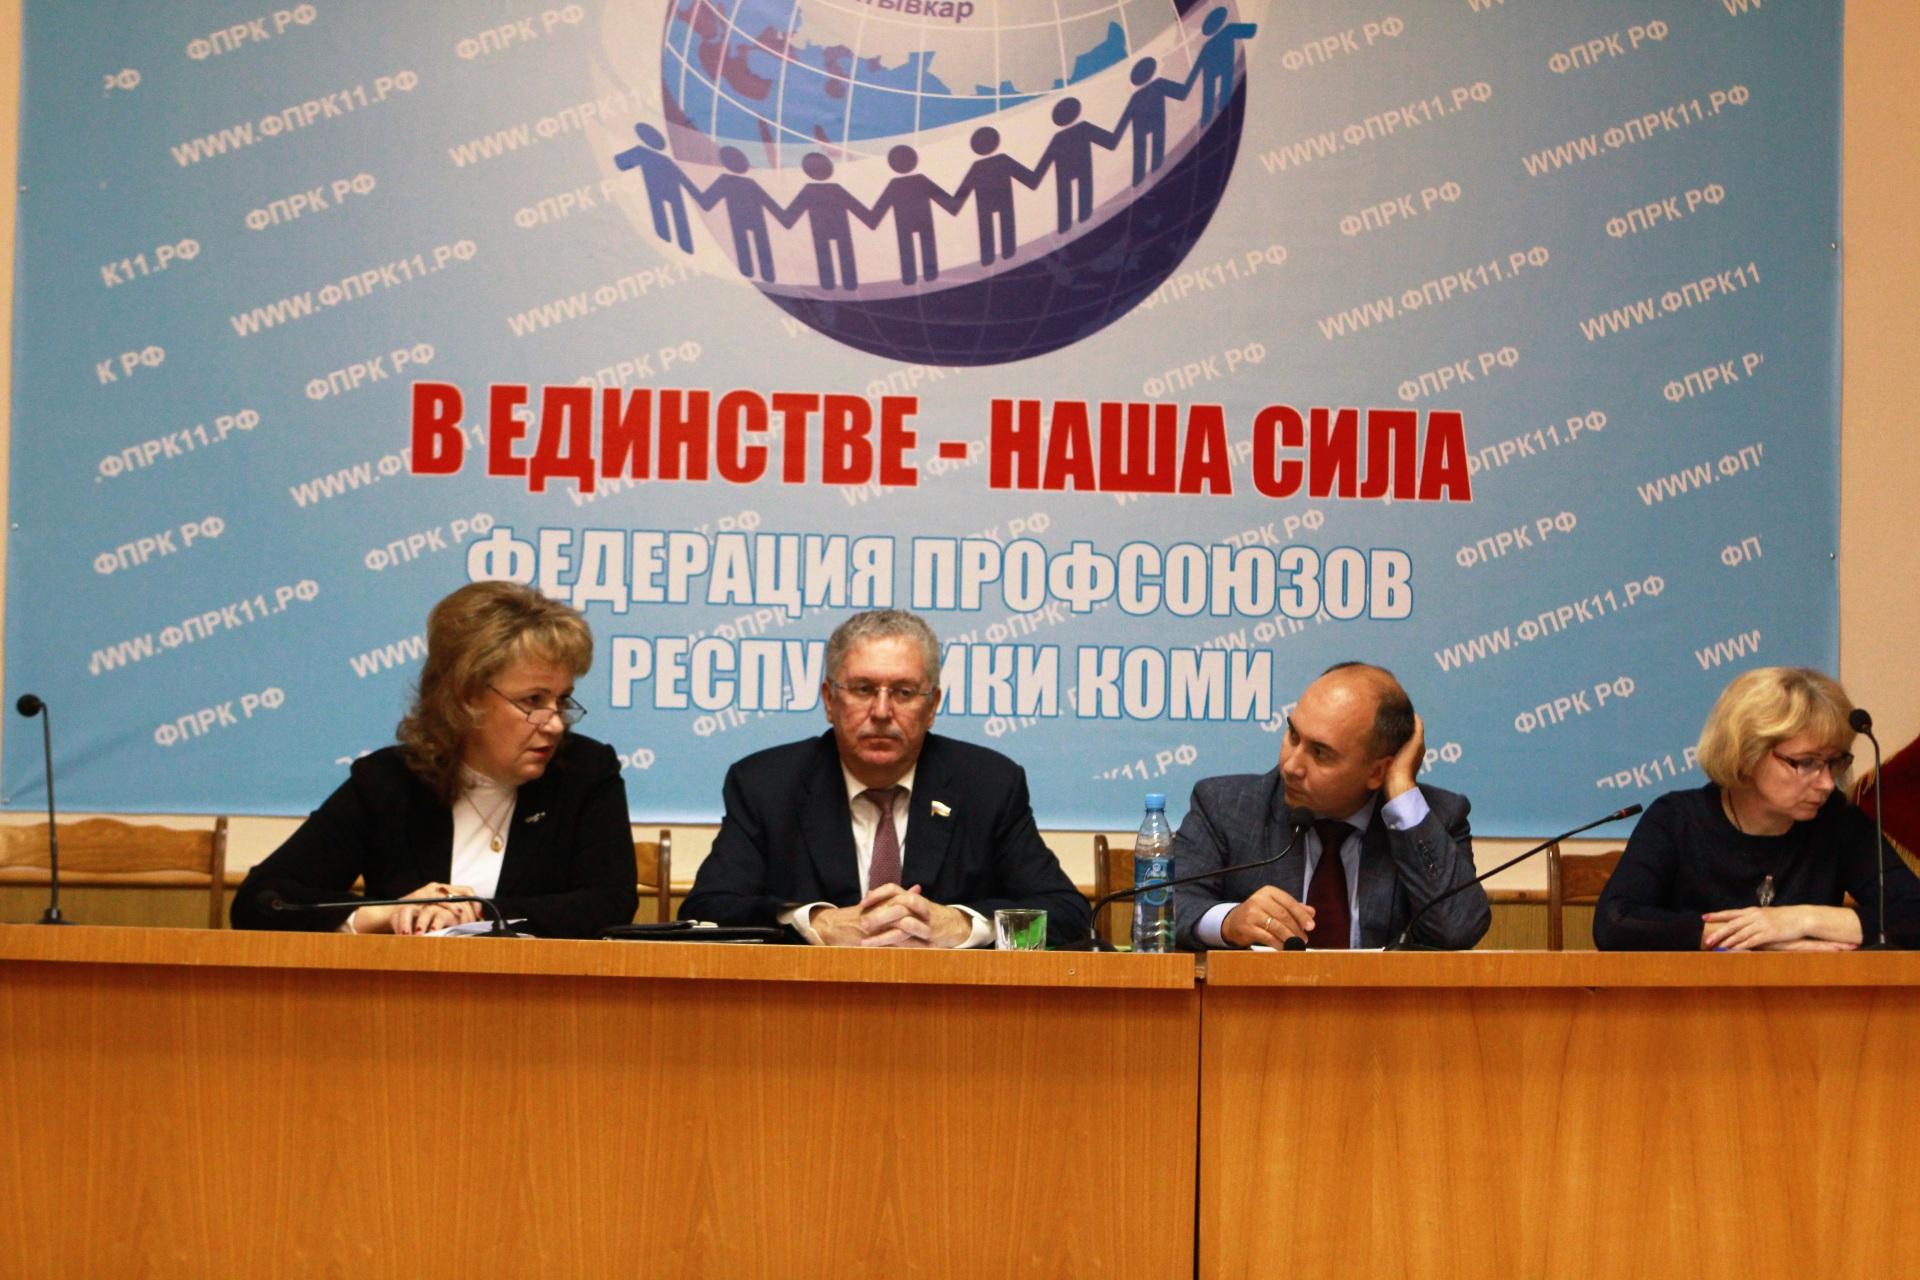 Профсоюзы Коми настаивают на том, что МРОТ на Севере должен быть выше